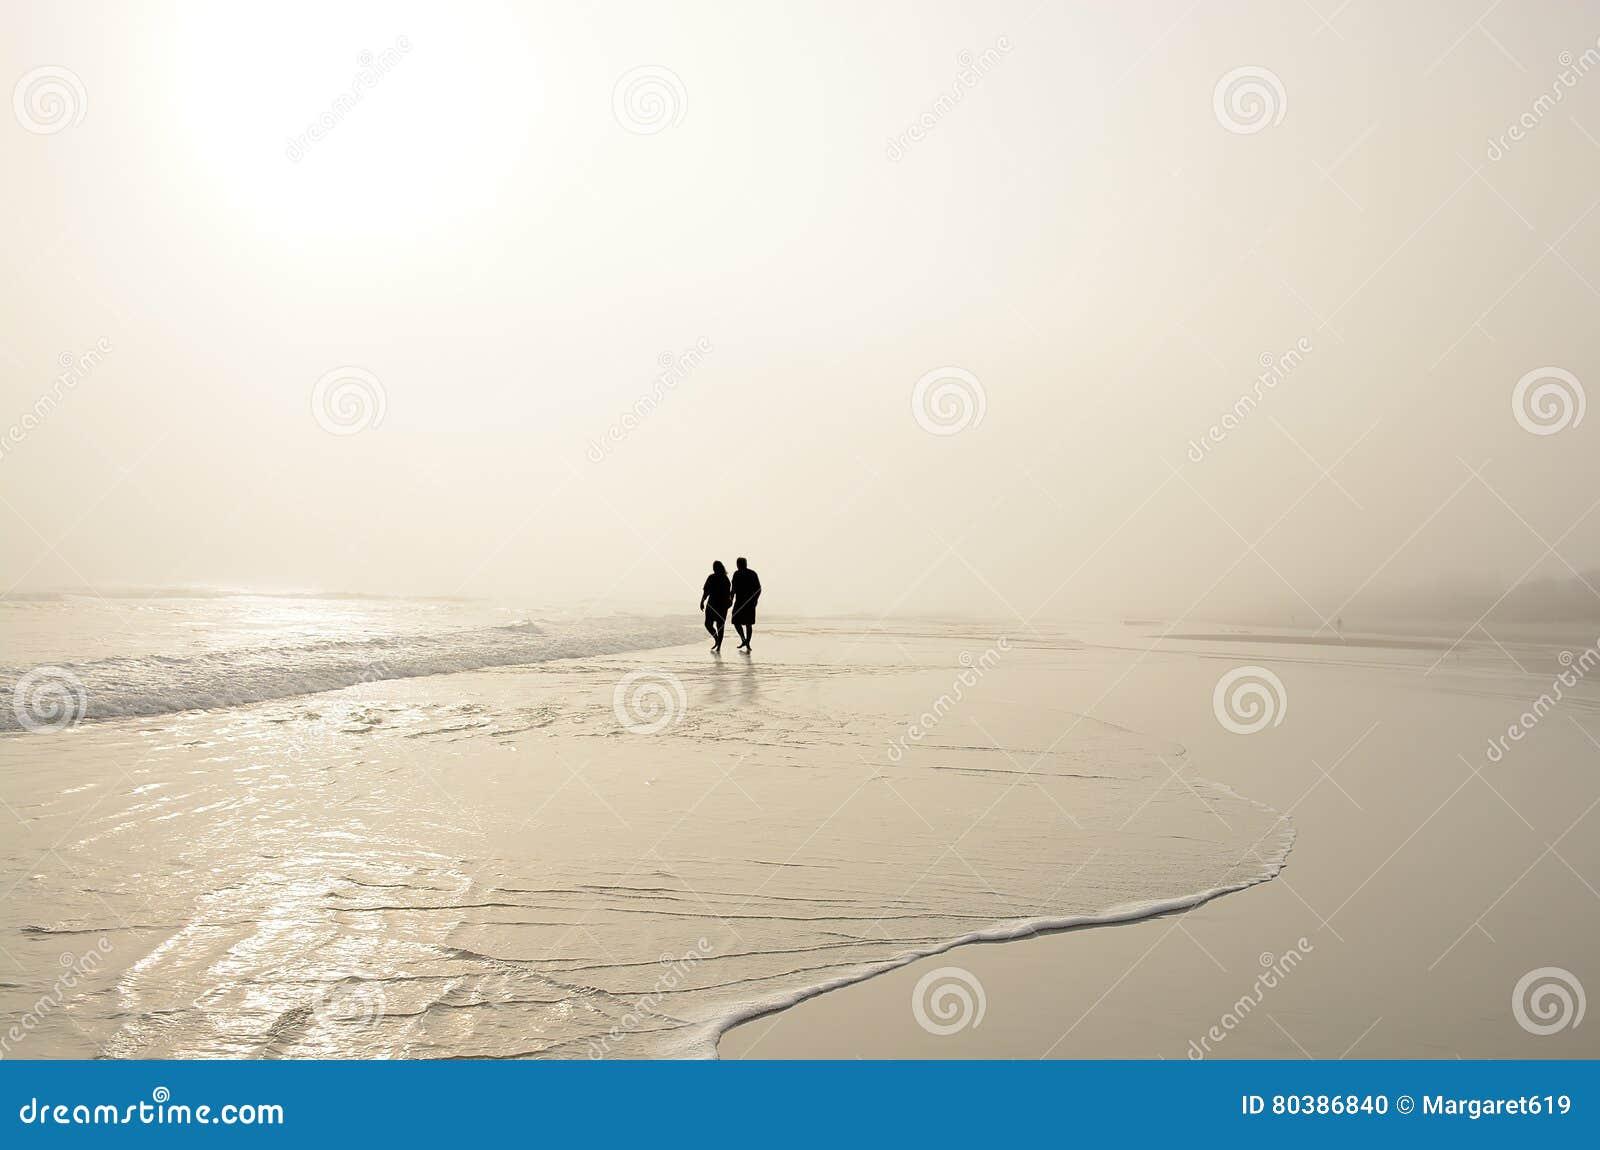 握手的资深夫妇走在享受日出的海滩